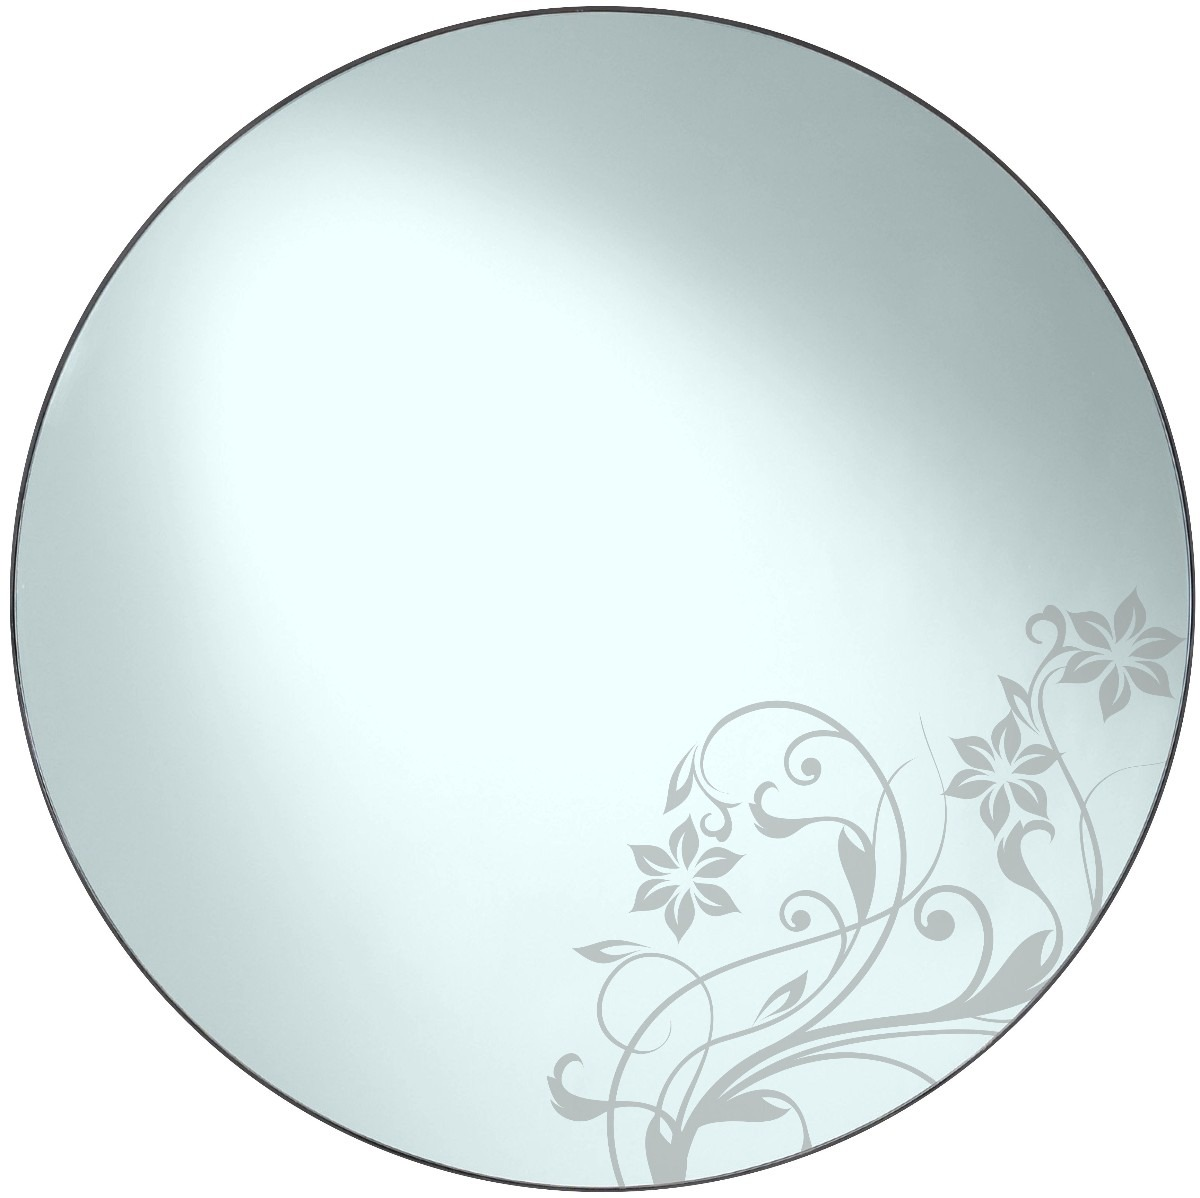 D graf soluciones graficas vinilos decorativos - Vinilo de espejo ...